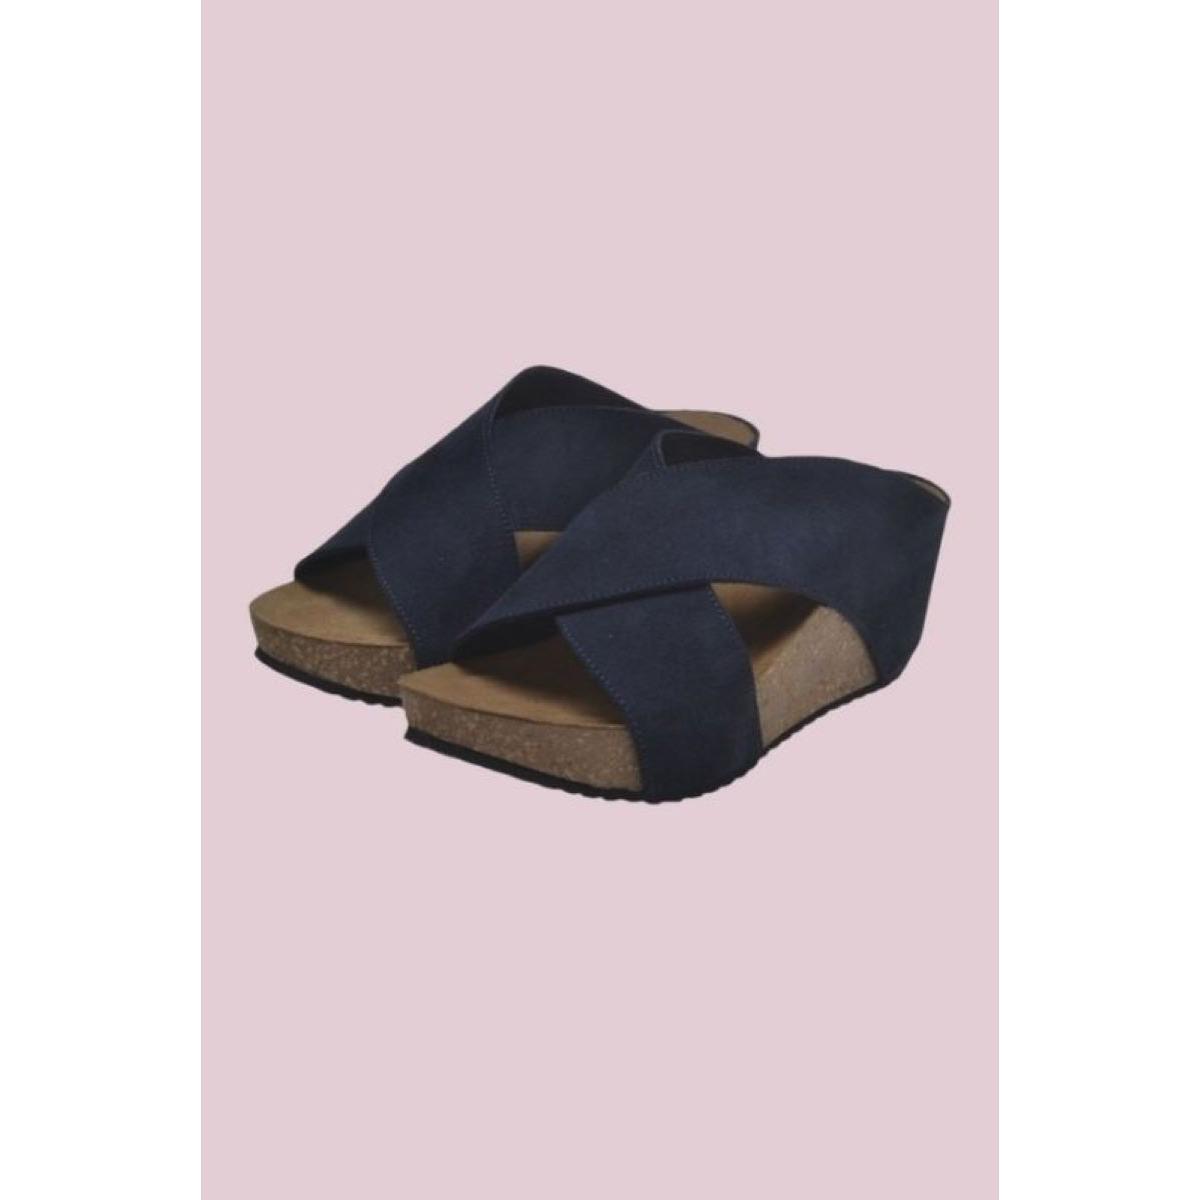 Copenhagen Shoes Frances Suede